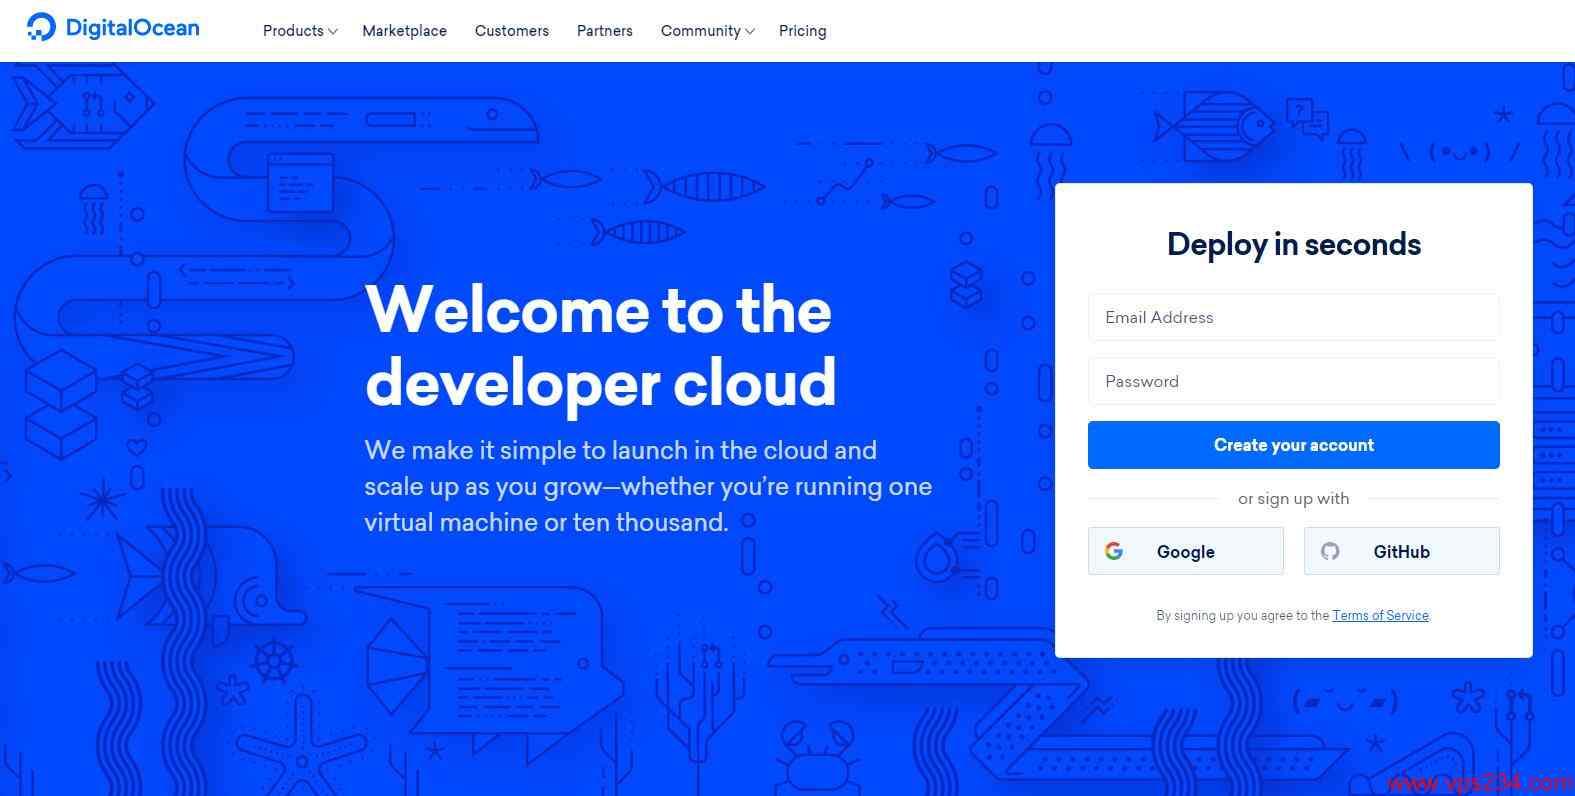 全球第4大云服务商 DigitalOcean 强烈推荐